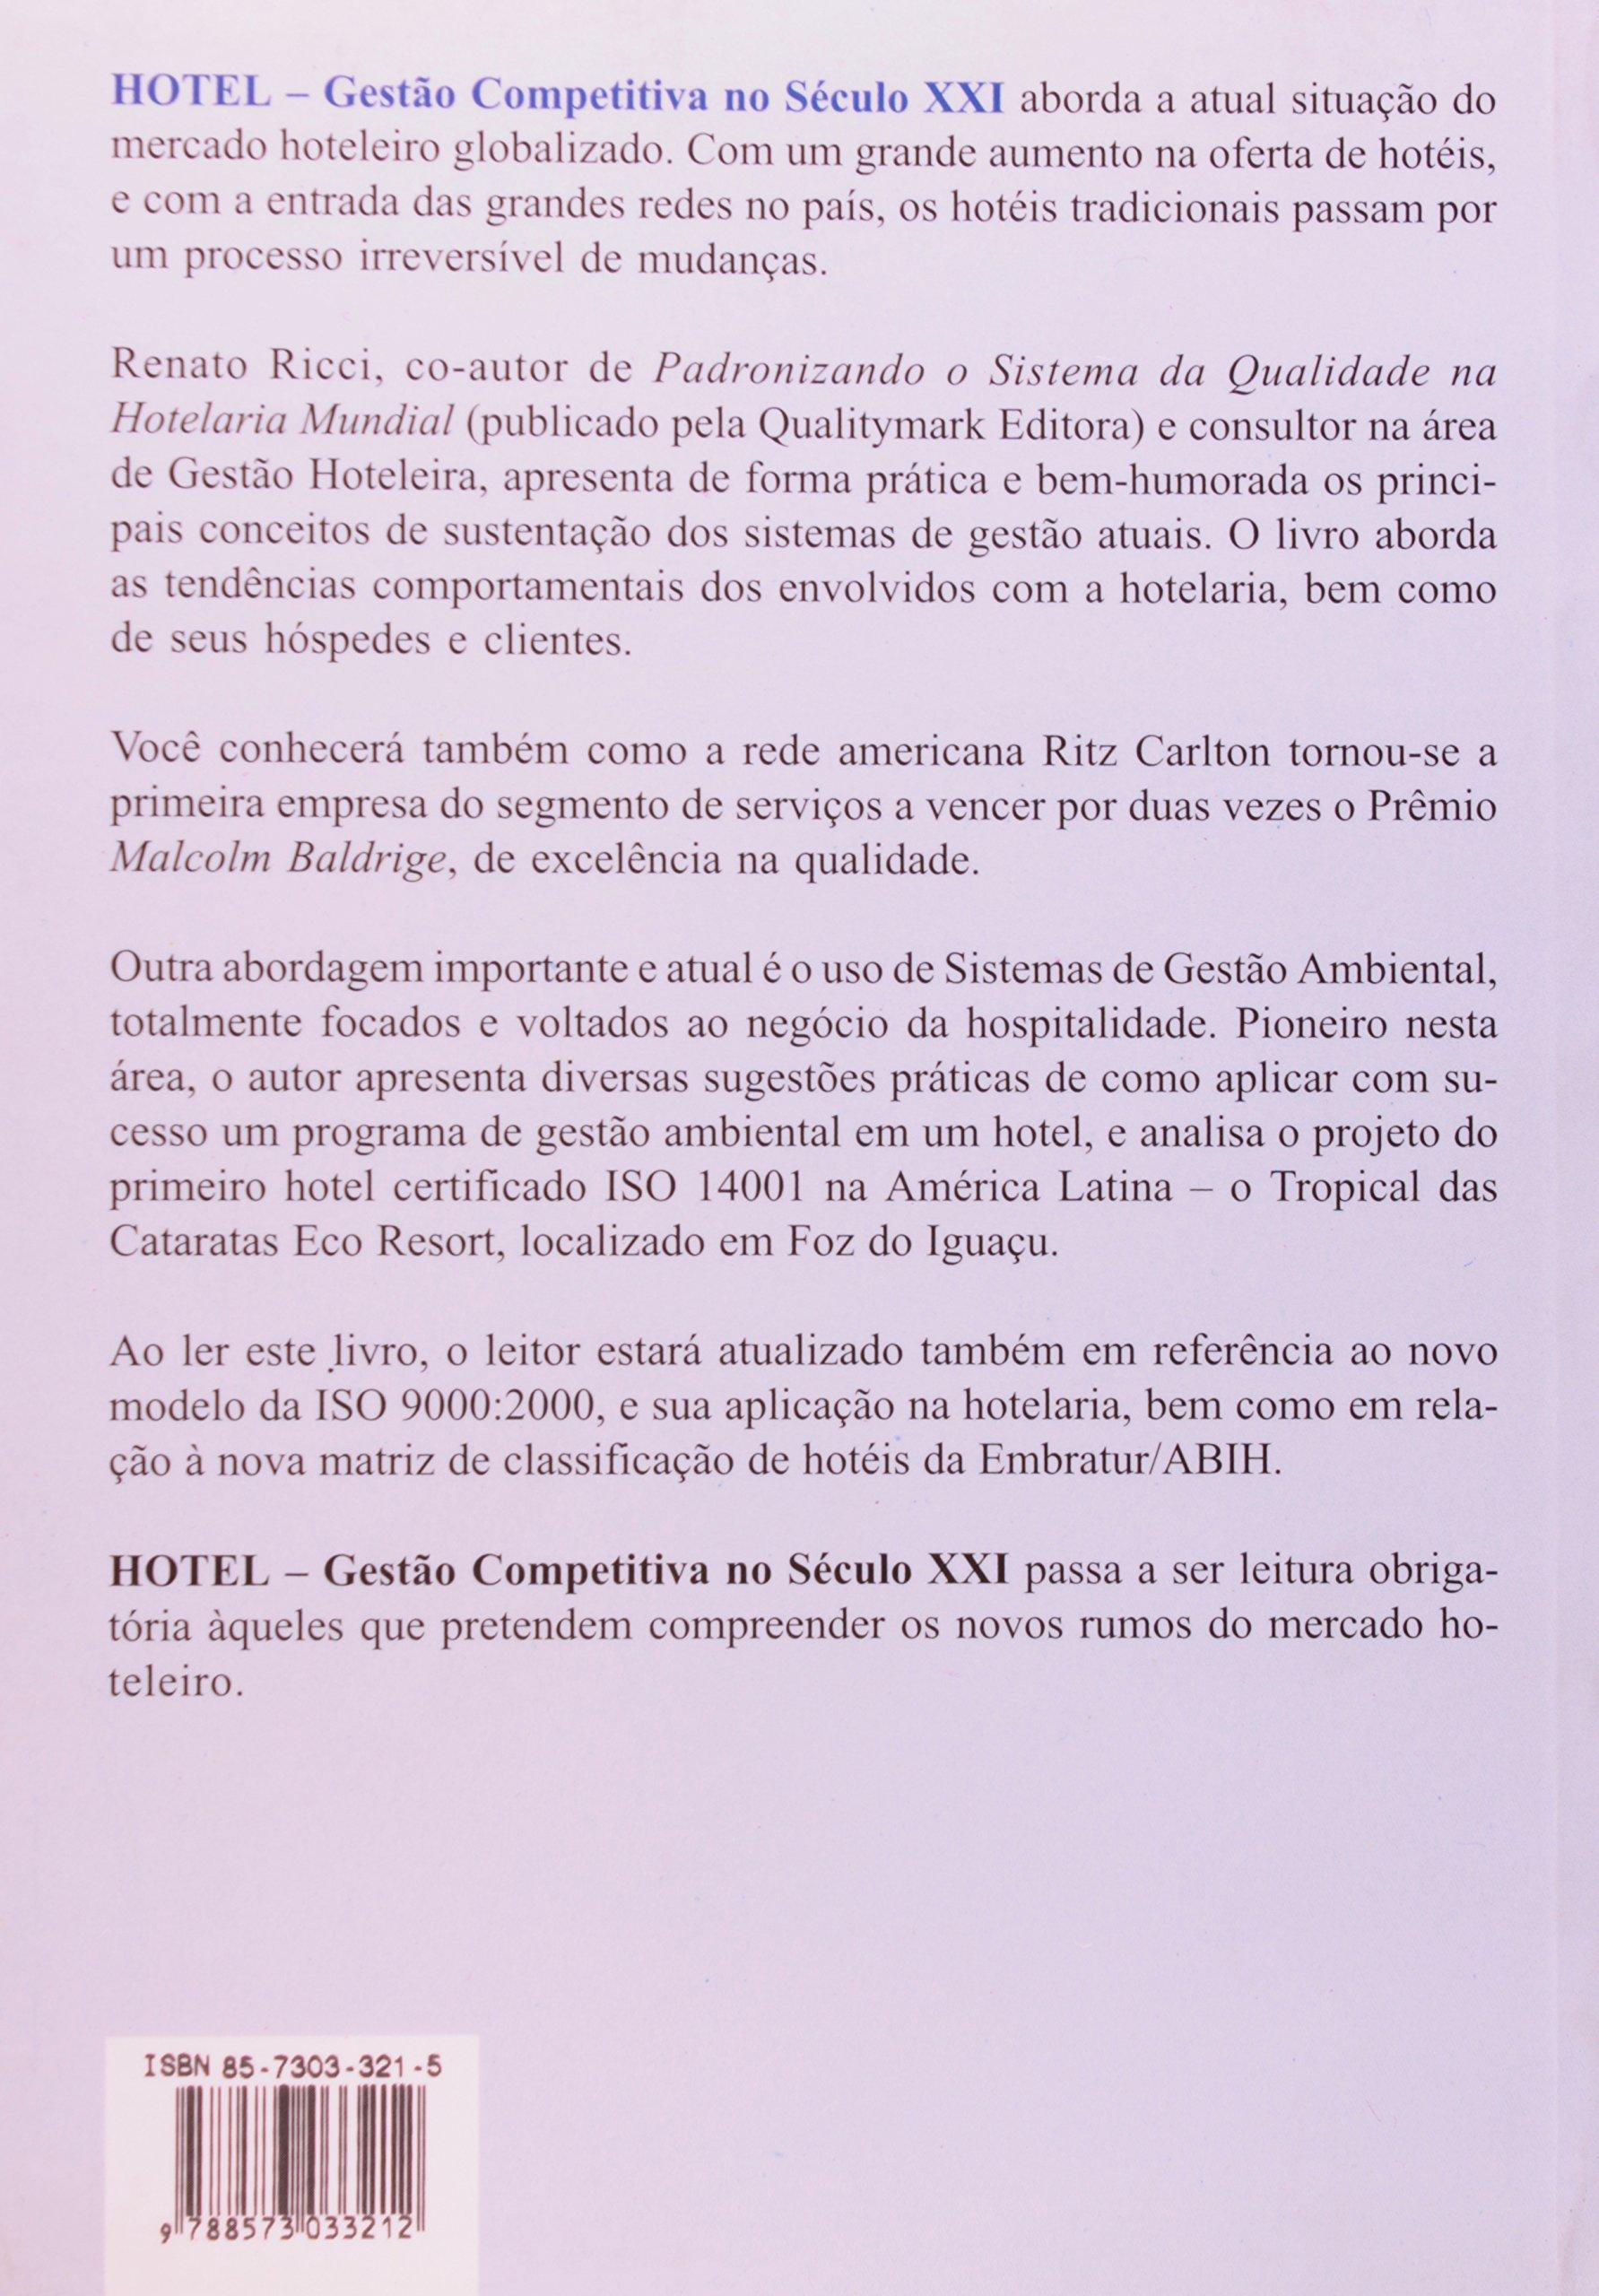 Hotel: Gestao Competitiva no Seculo X X I: Renato Ricci: 9788573033212: Amazon.com: Books